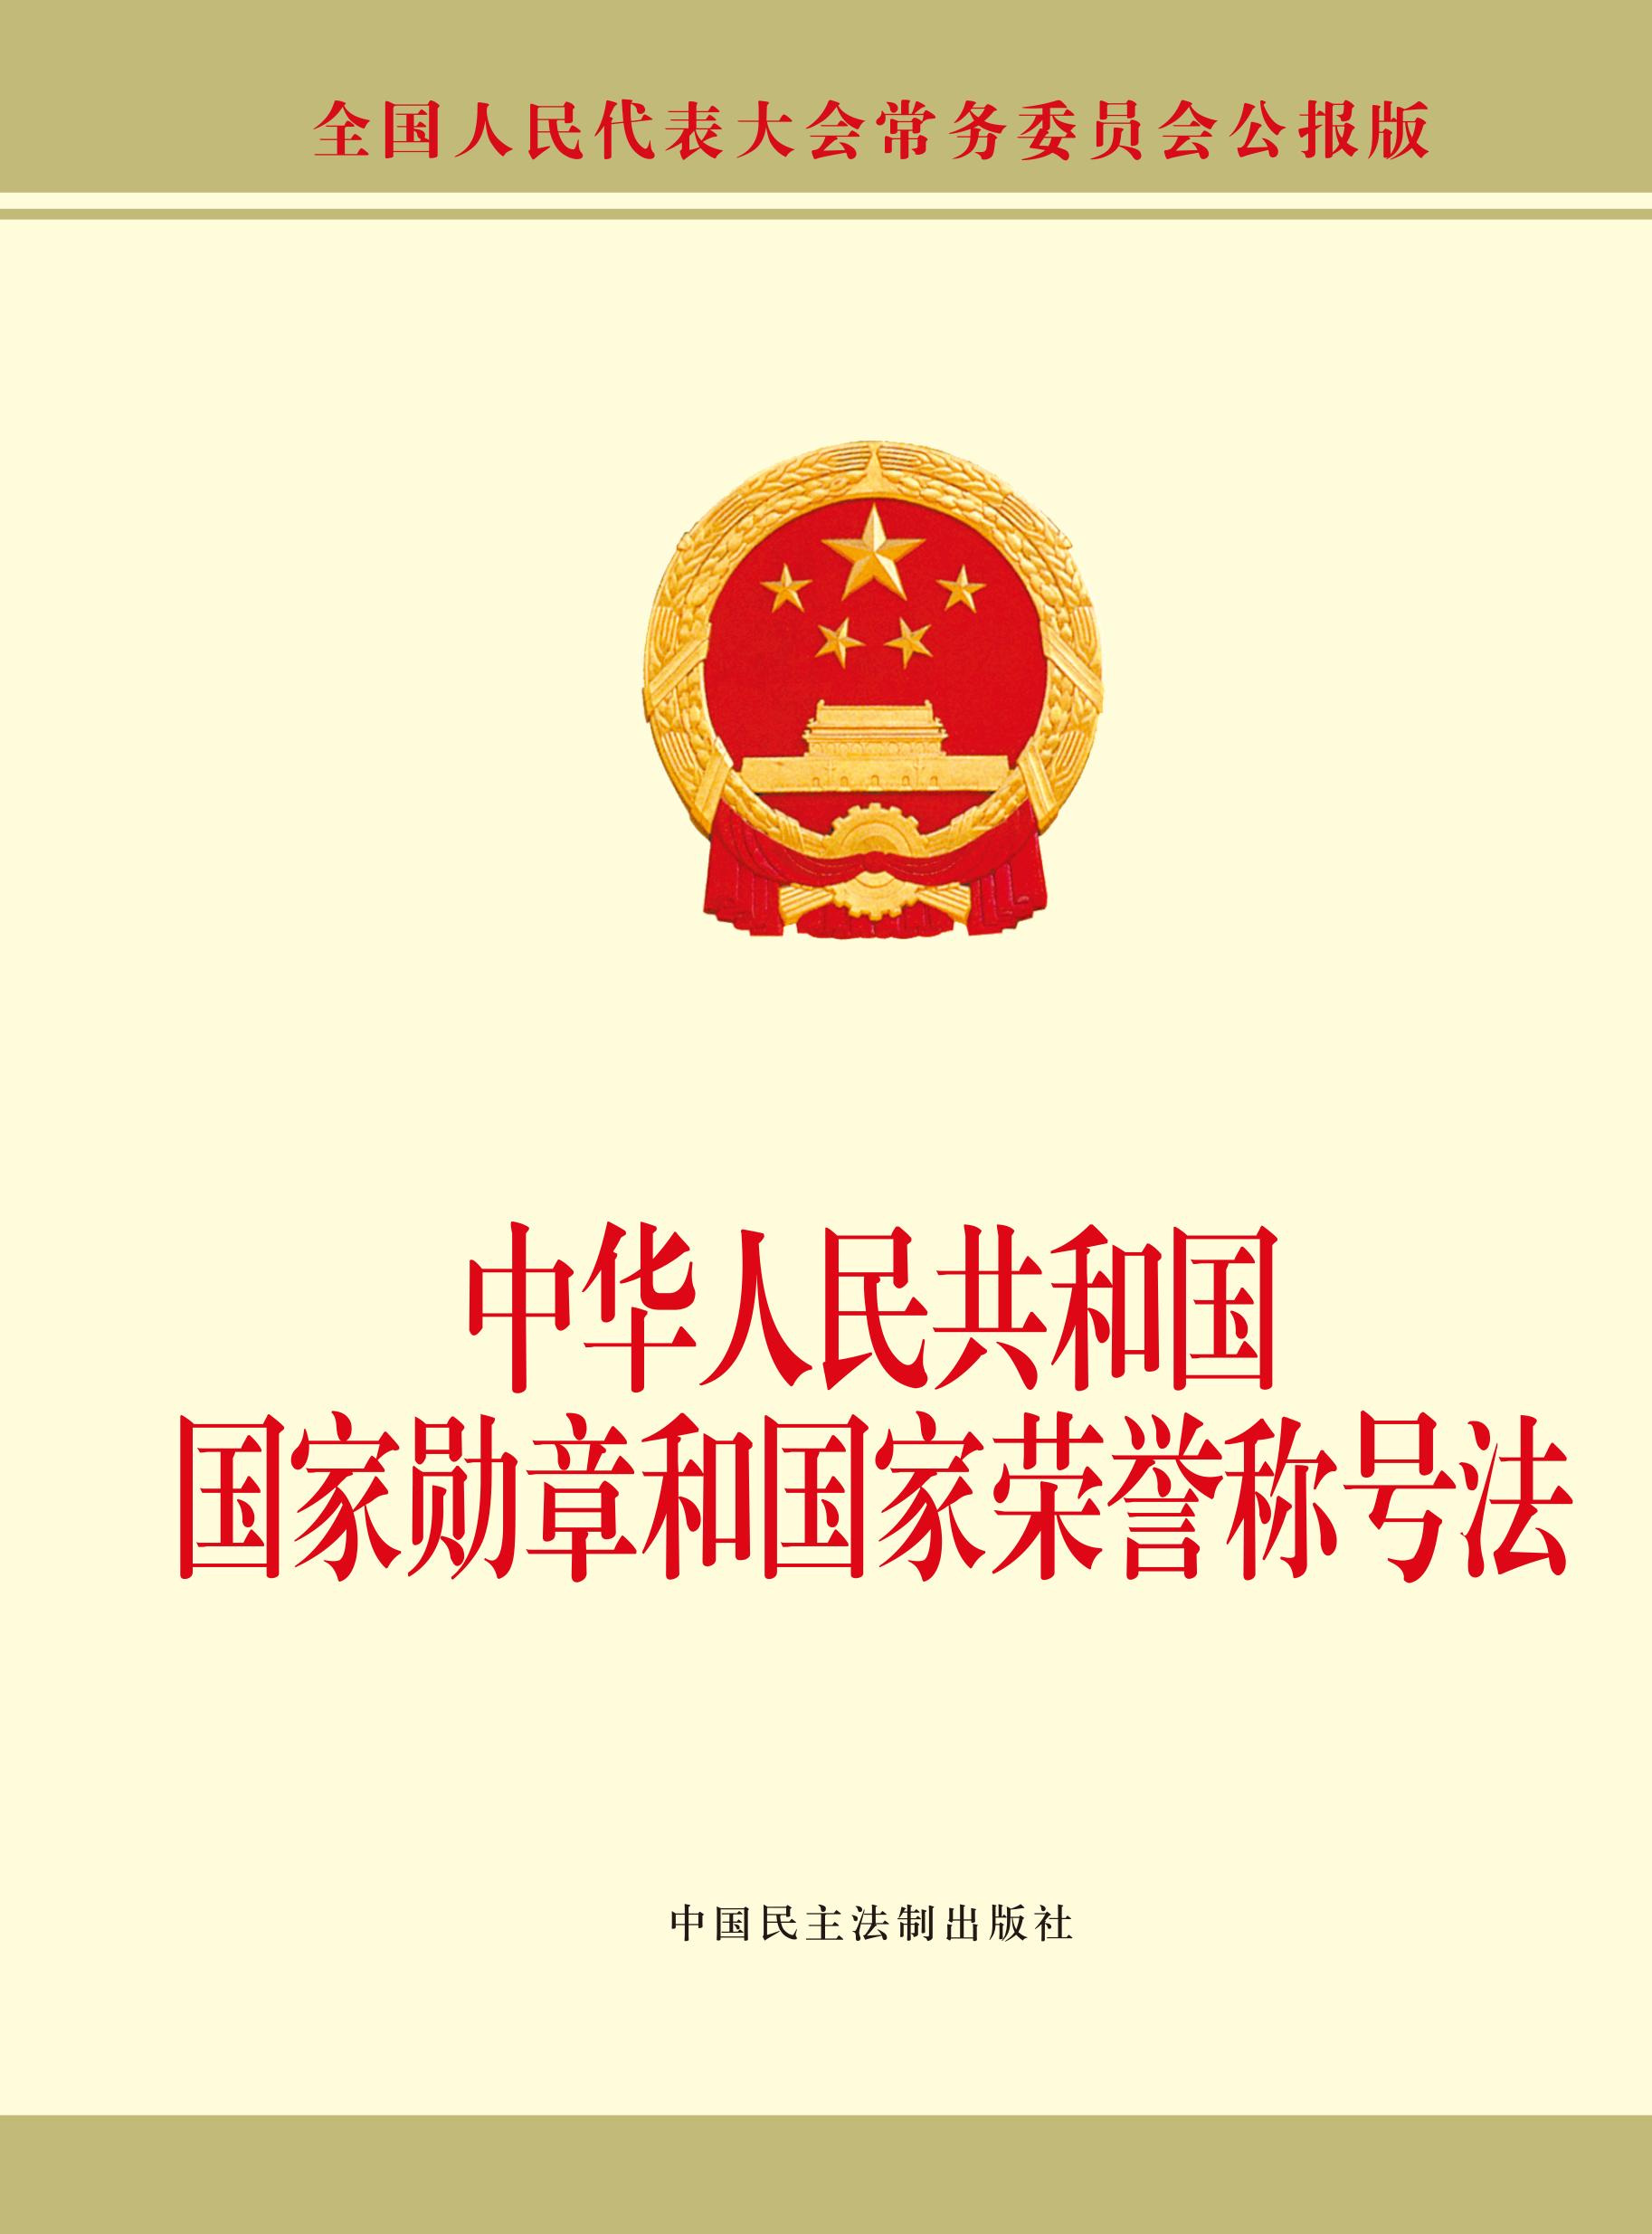 中华人民共和国国家勋章荣誉法